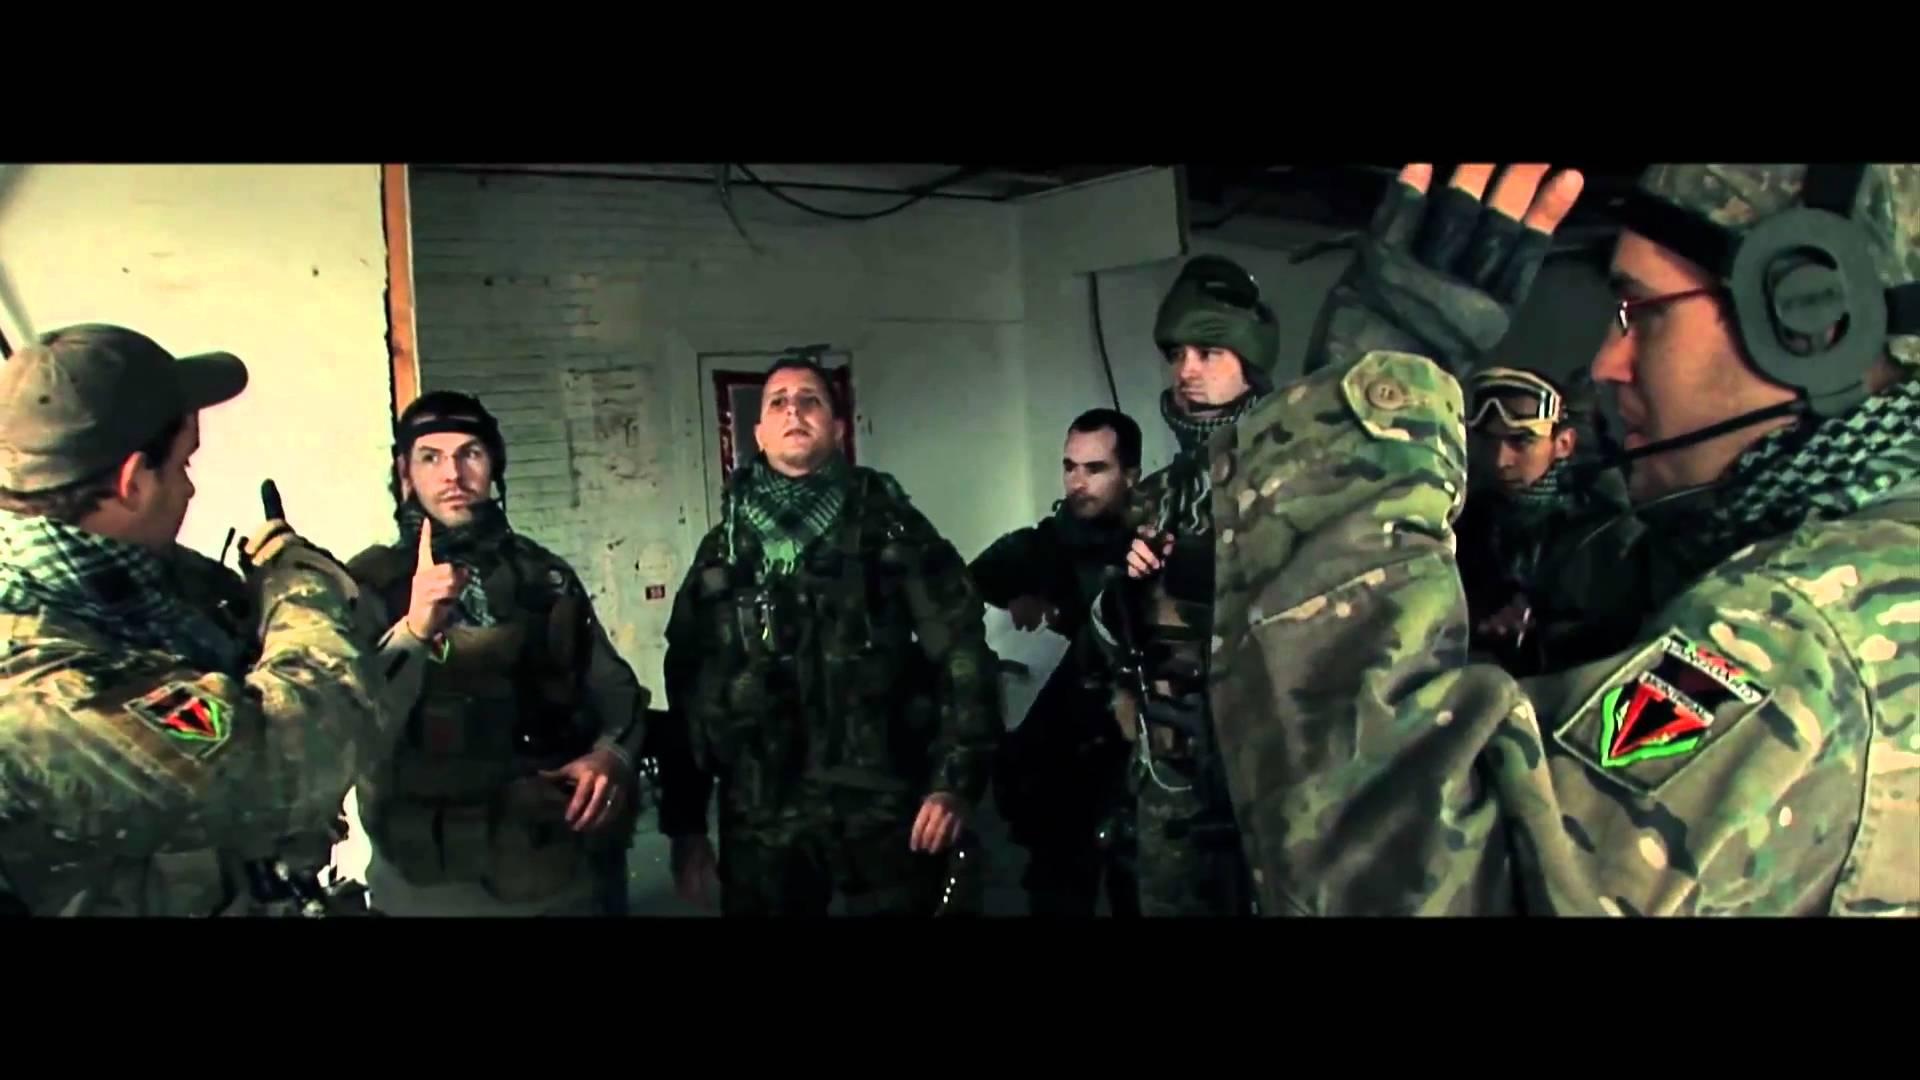 Trailer Vanguard 2011